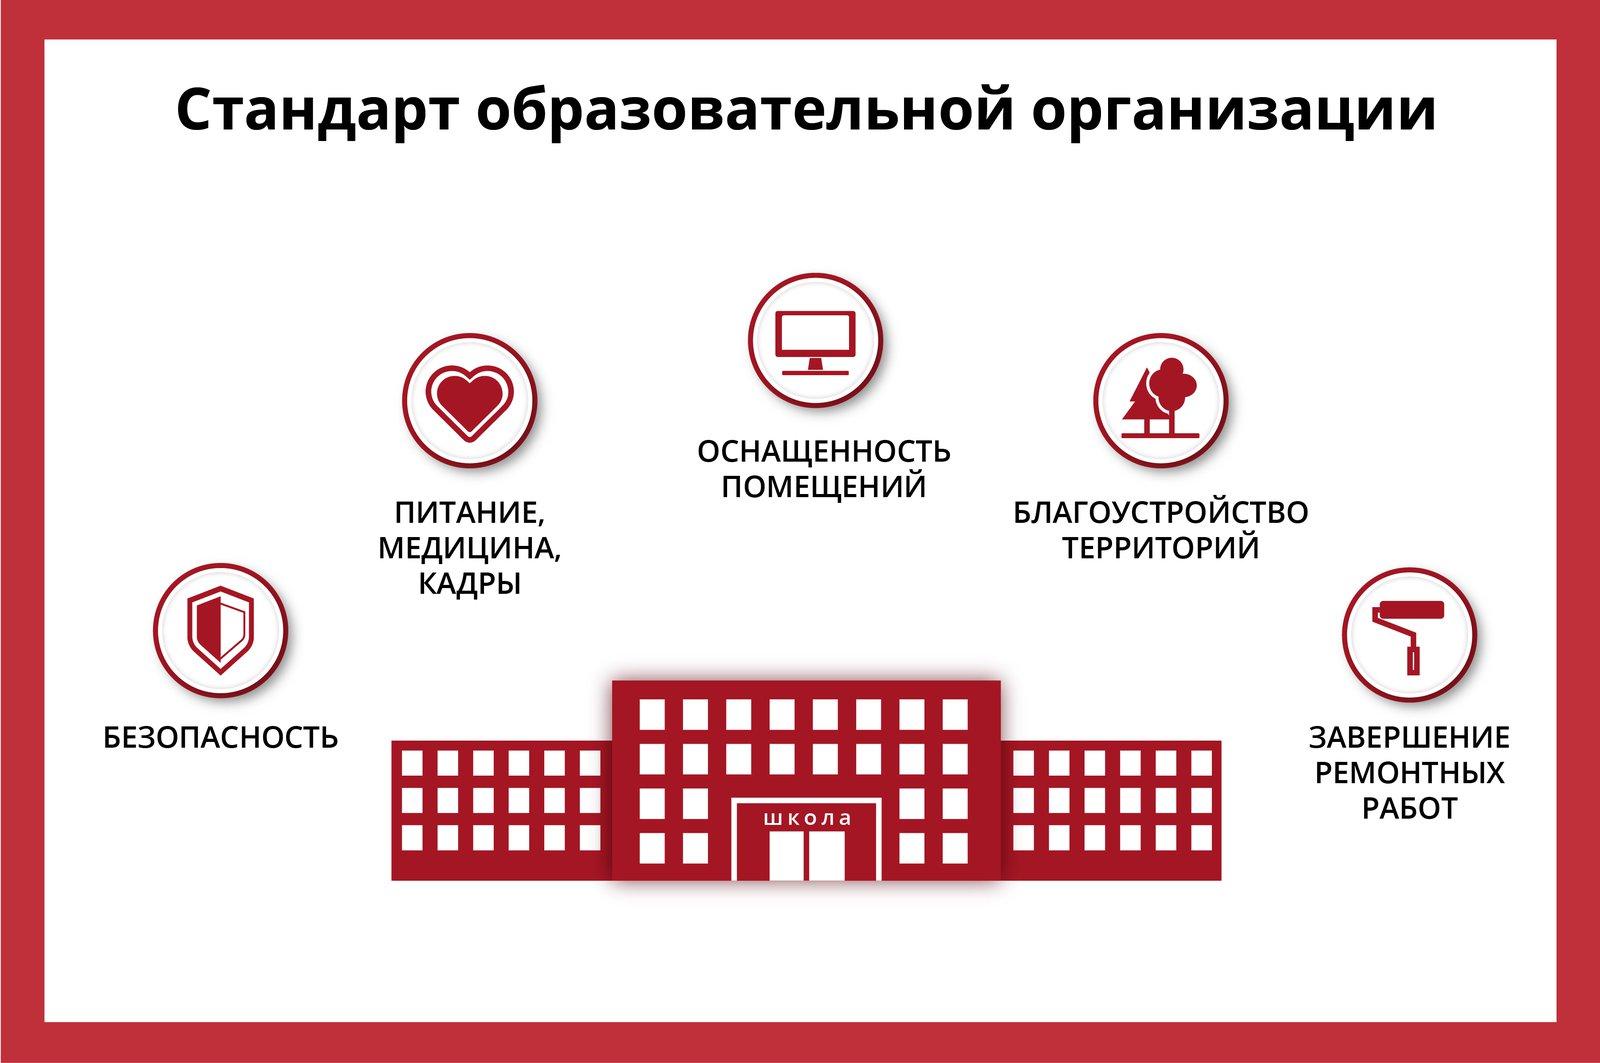 Андрей Воробьев губернатор московской области - Заседание правительства: что надо решить до начала осени